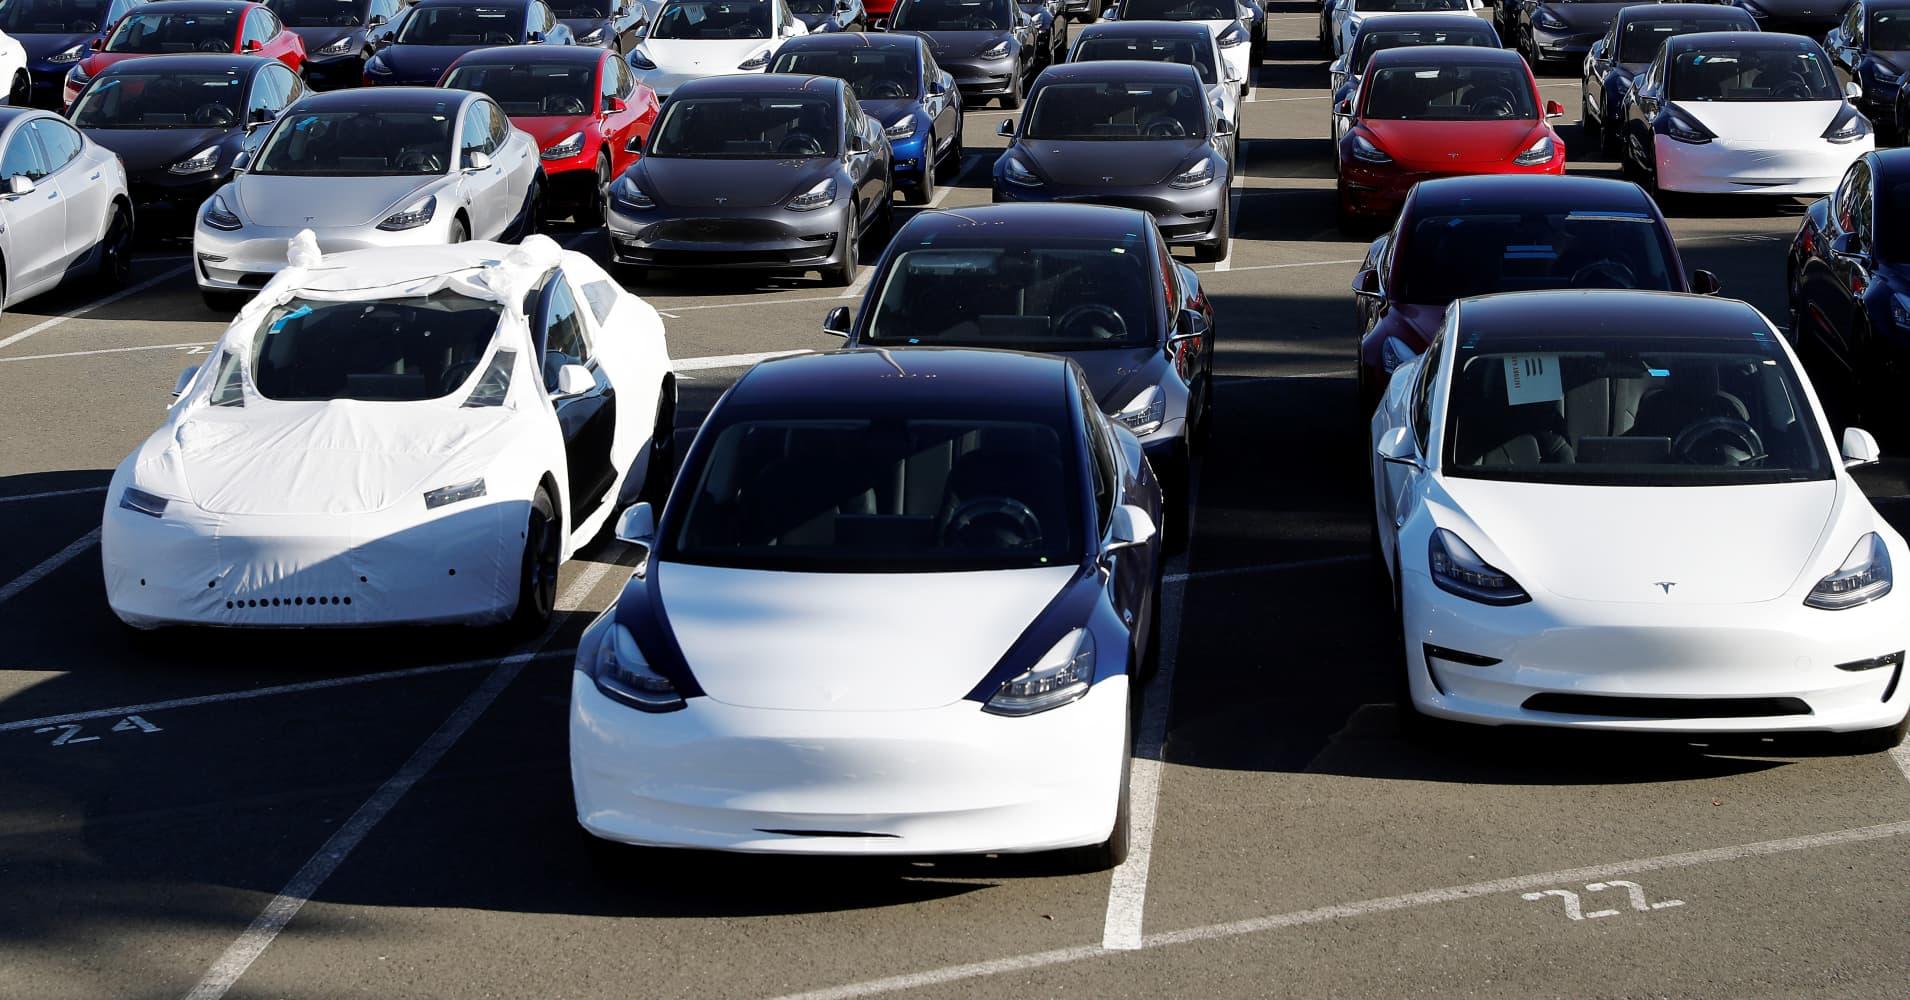 Tesla will meet its Model 3 goal so buy the stock, Oppenheimer says